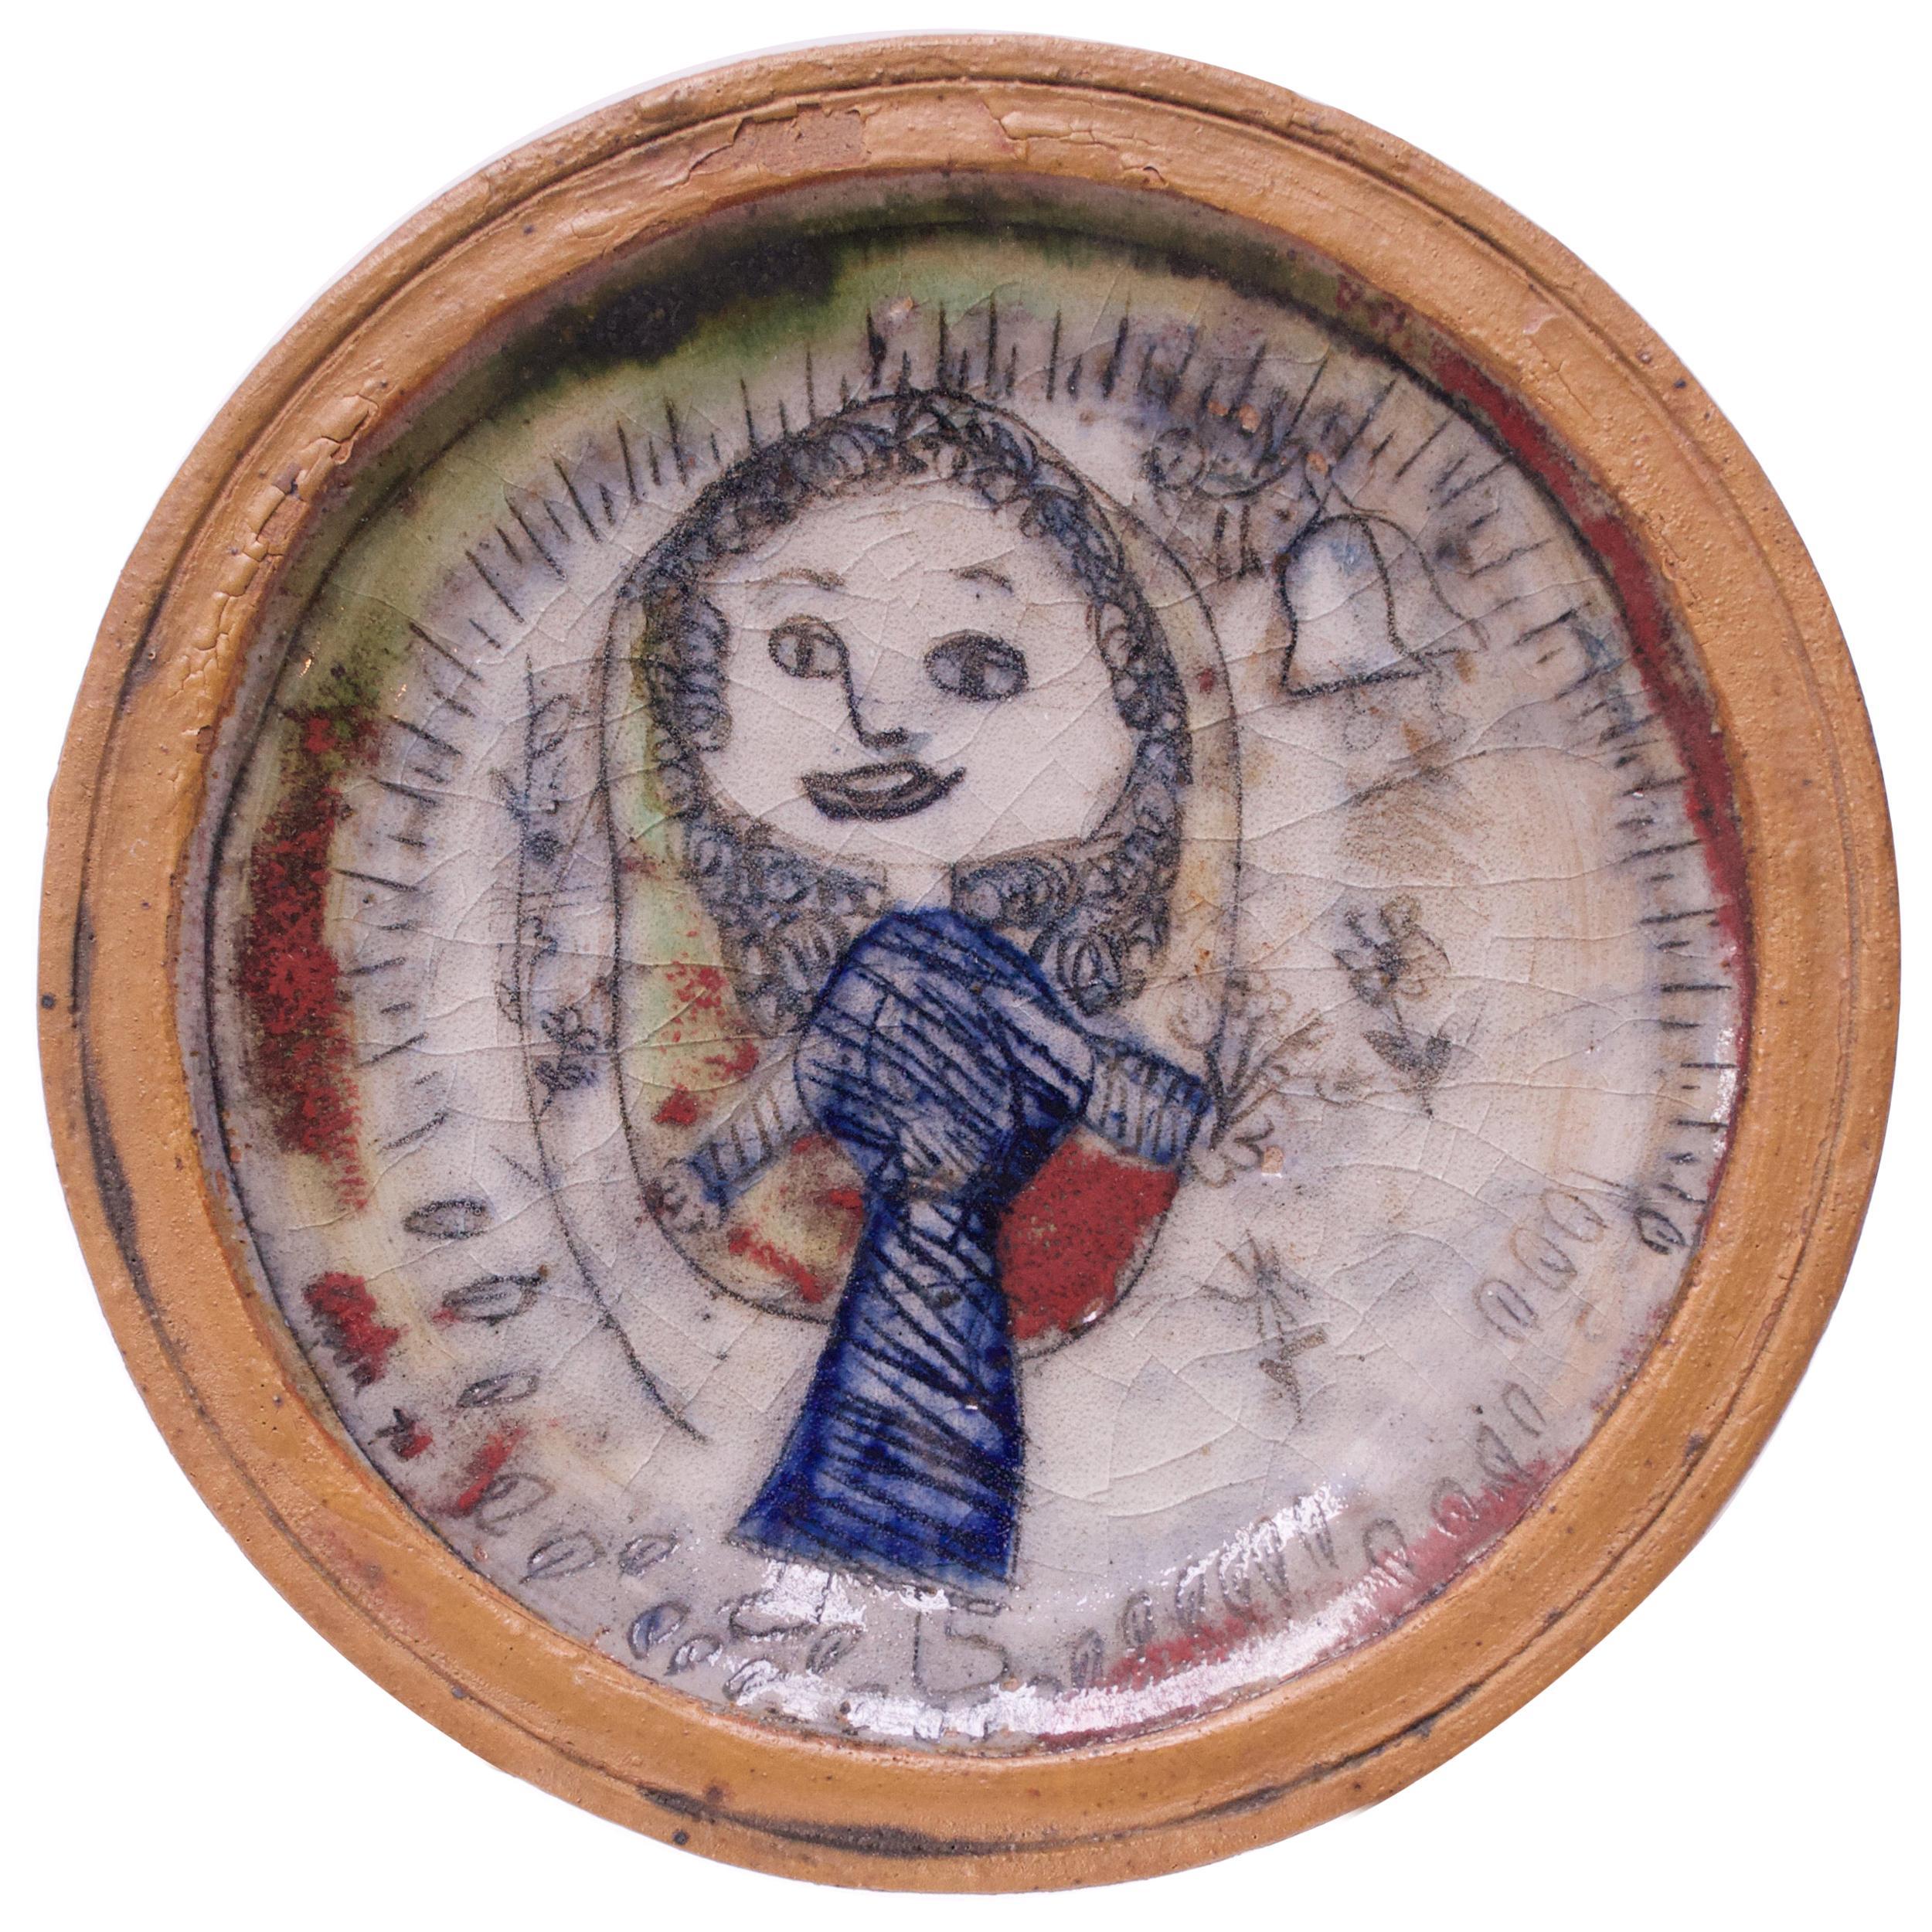 1970 Outsider Art Figural Stoneware Decorative Plate